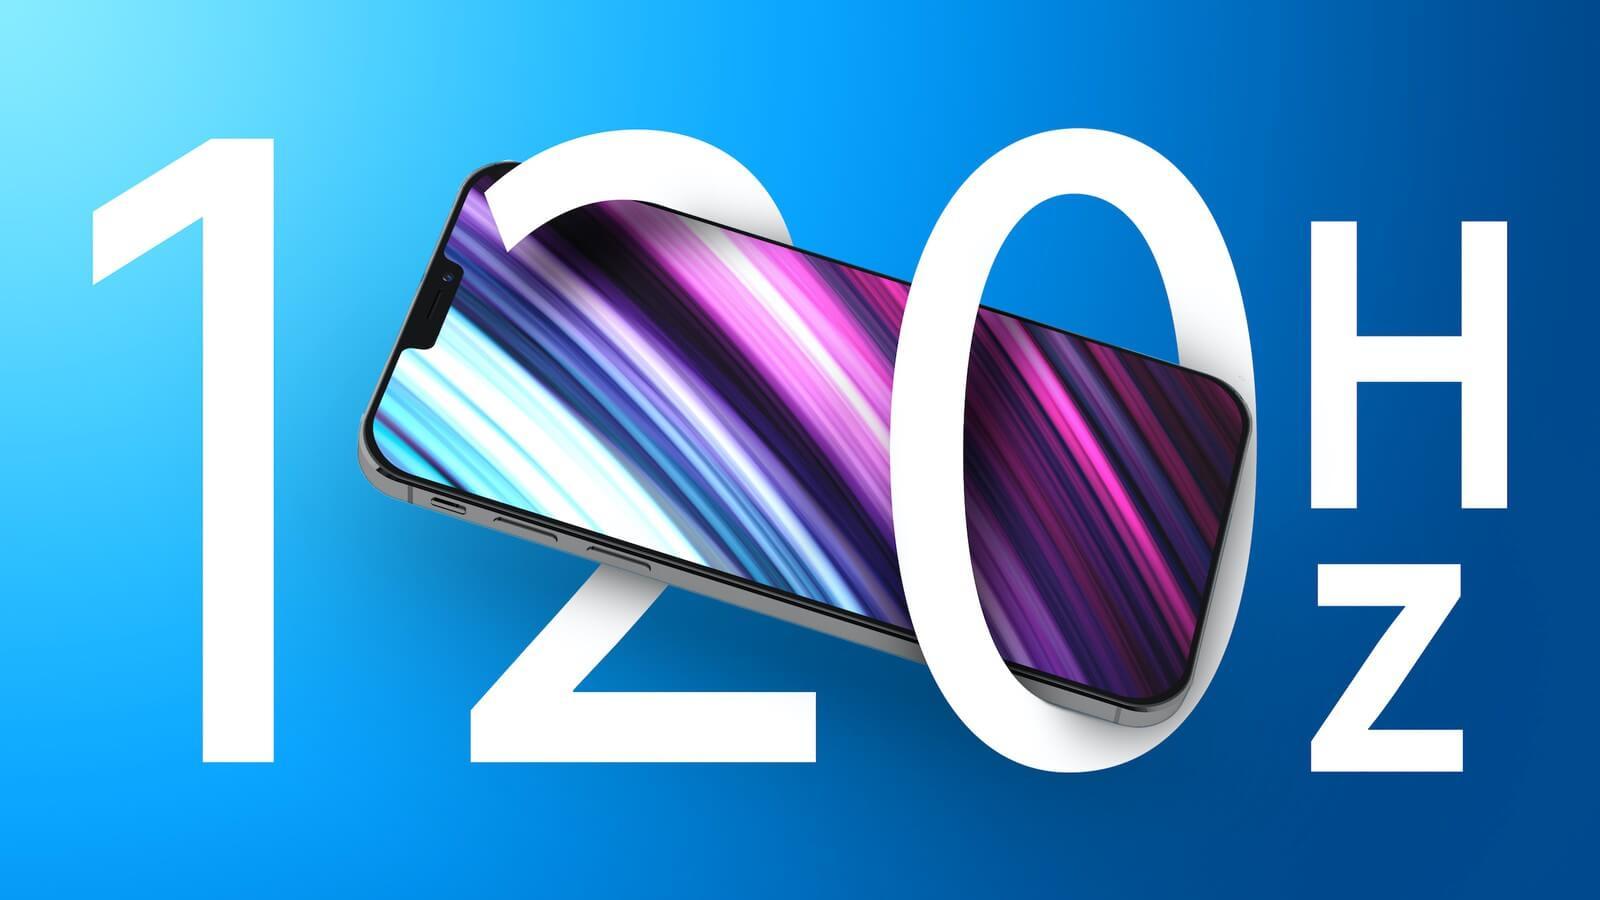 Samsung станет единственным поставщиком экранов 120 Гц для iPhone 13 Pro